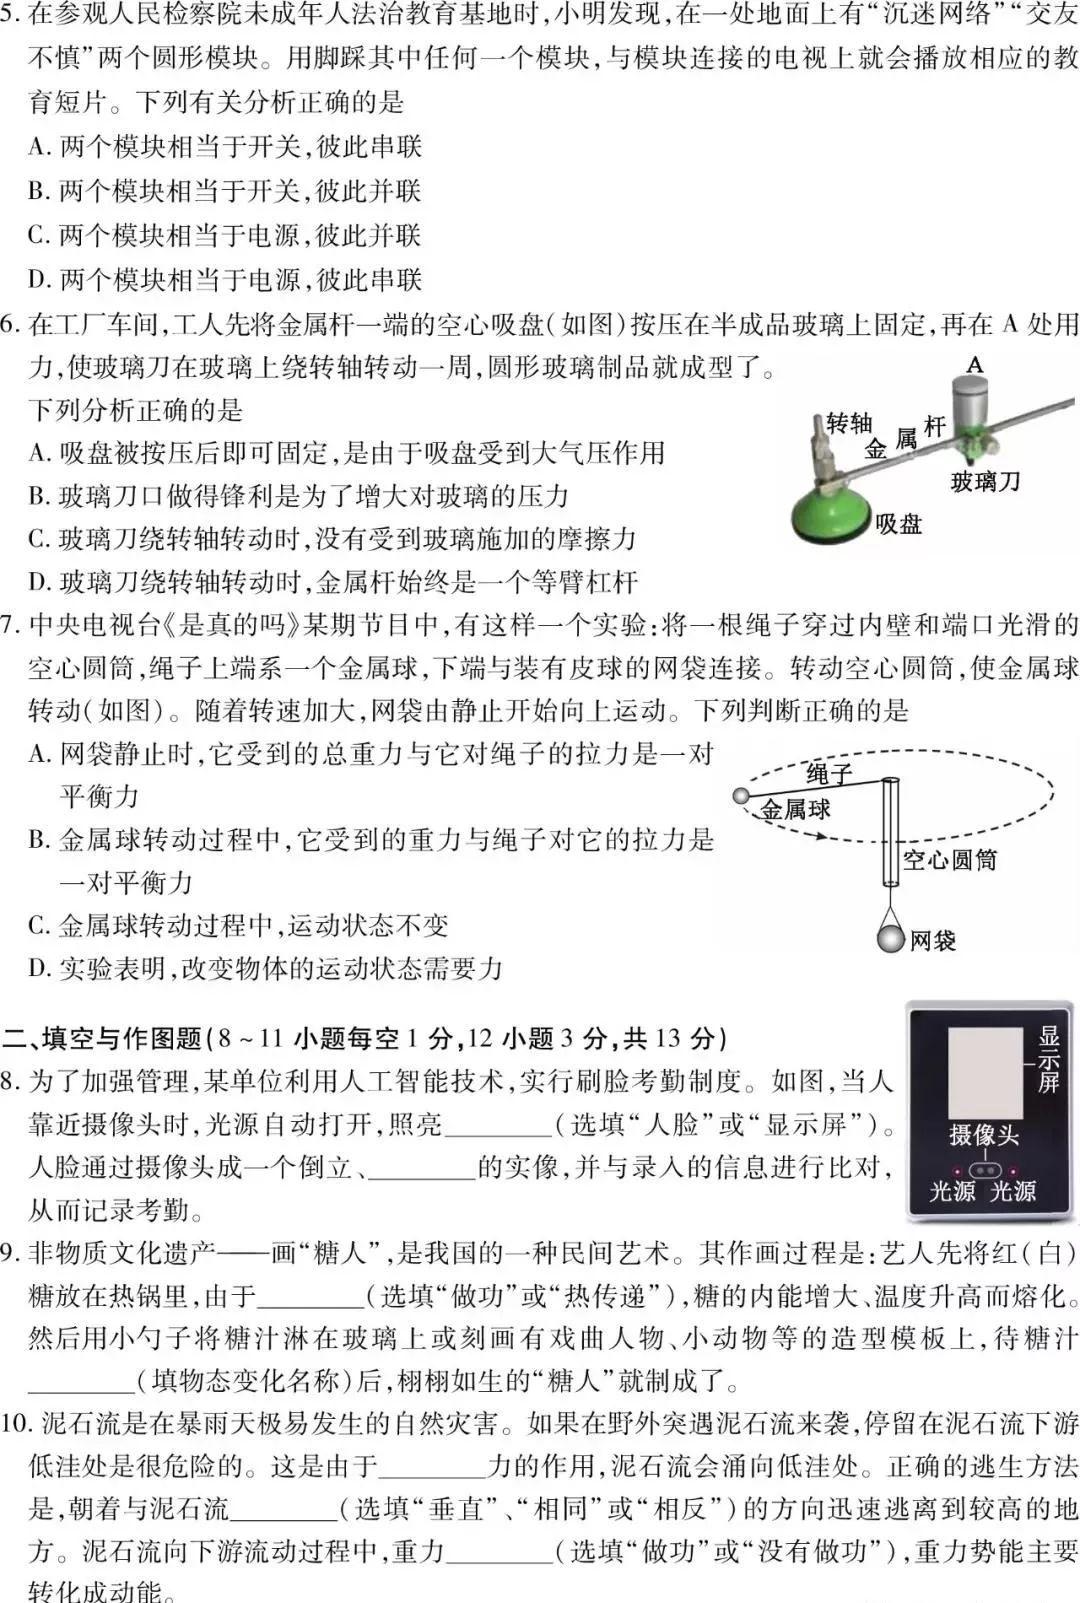 2019湖北黄冈中考理综试题及答案解析